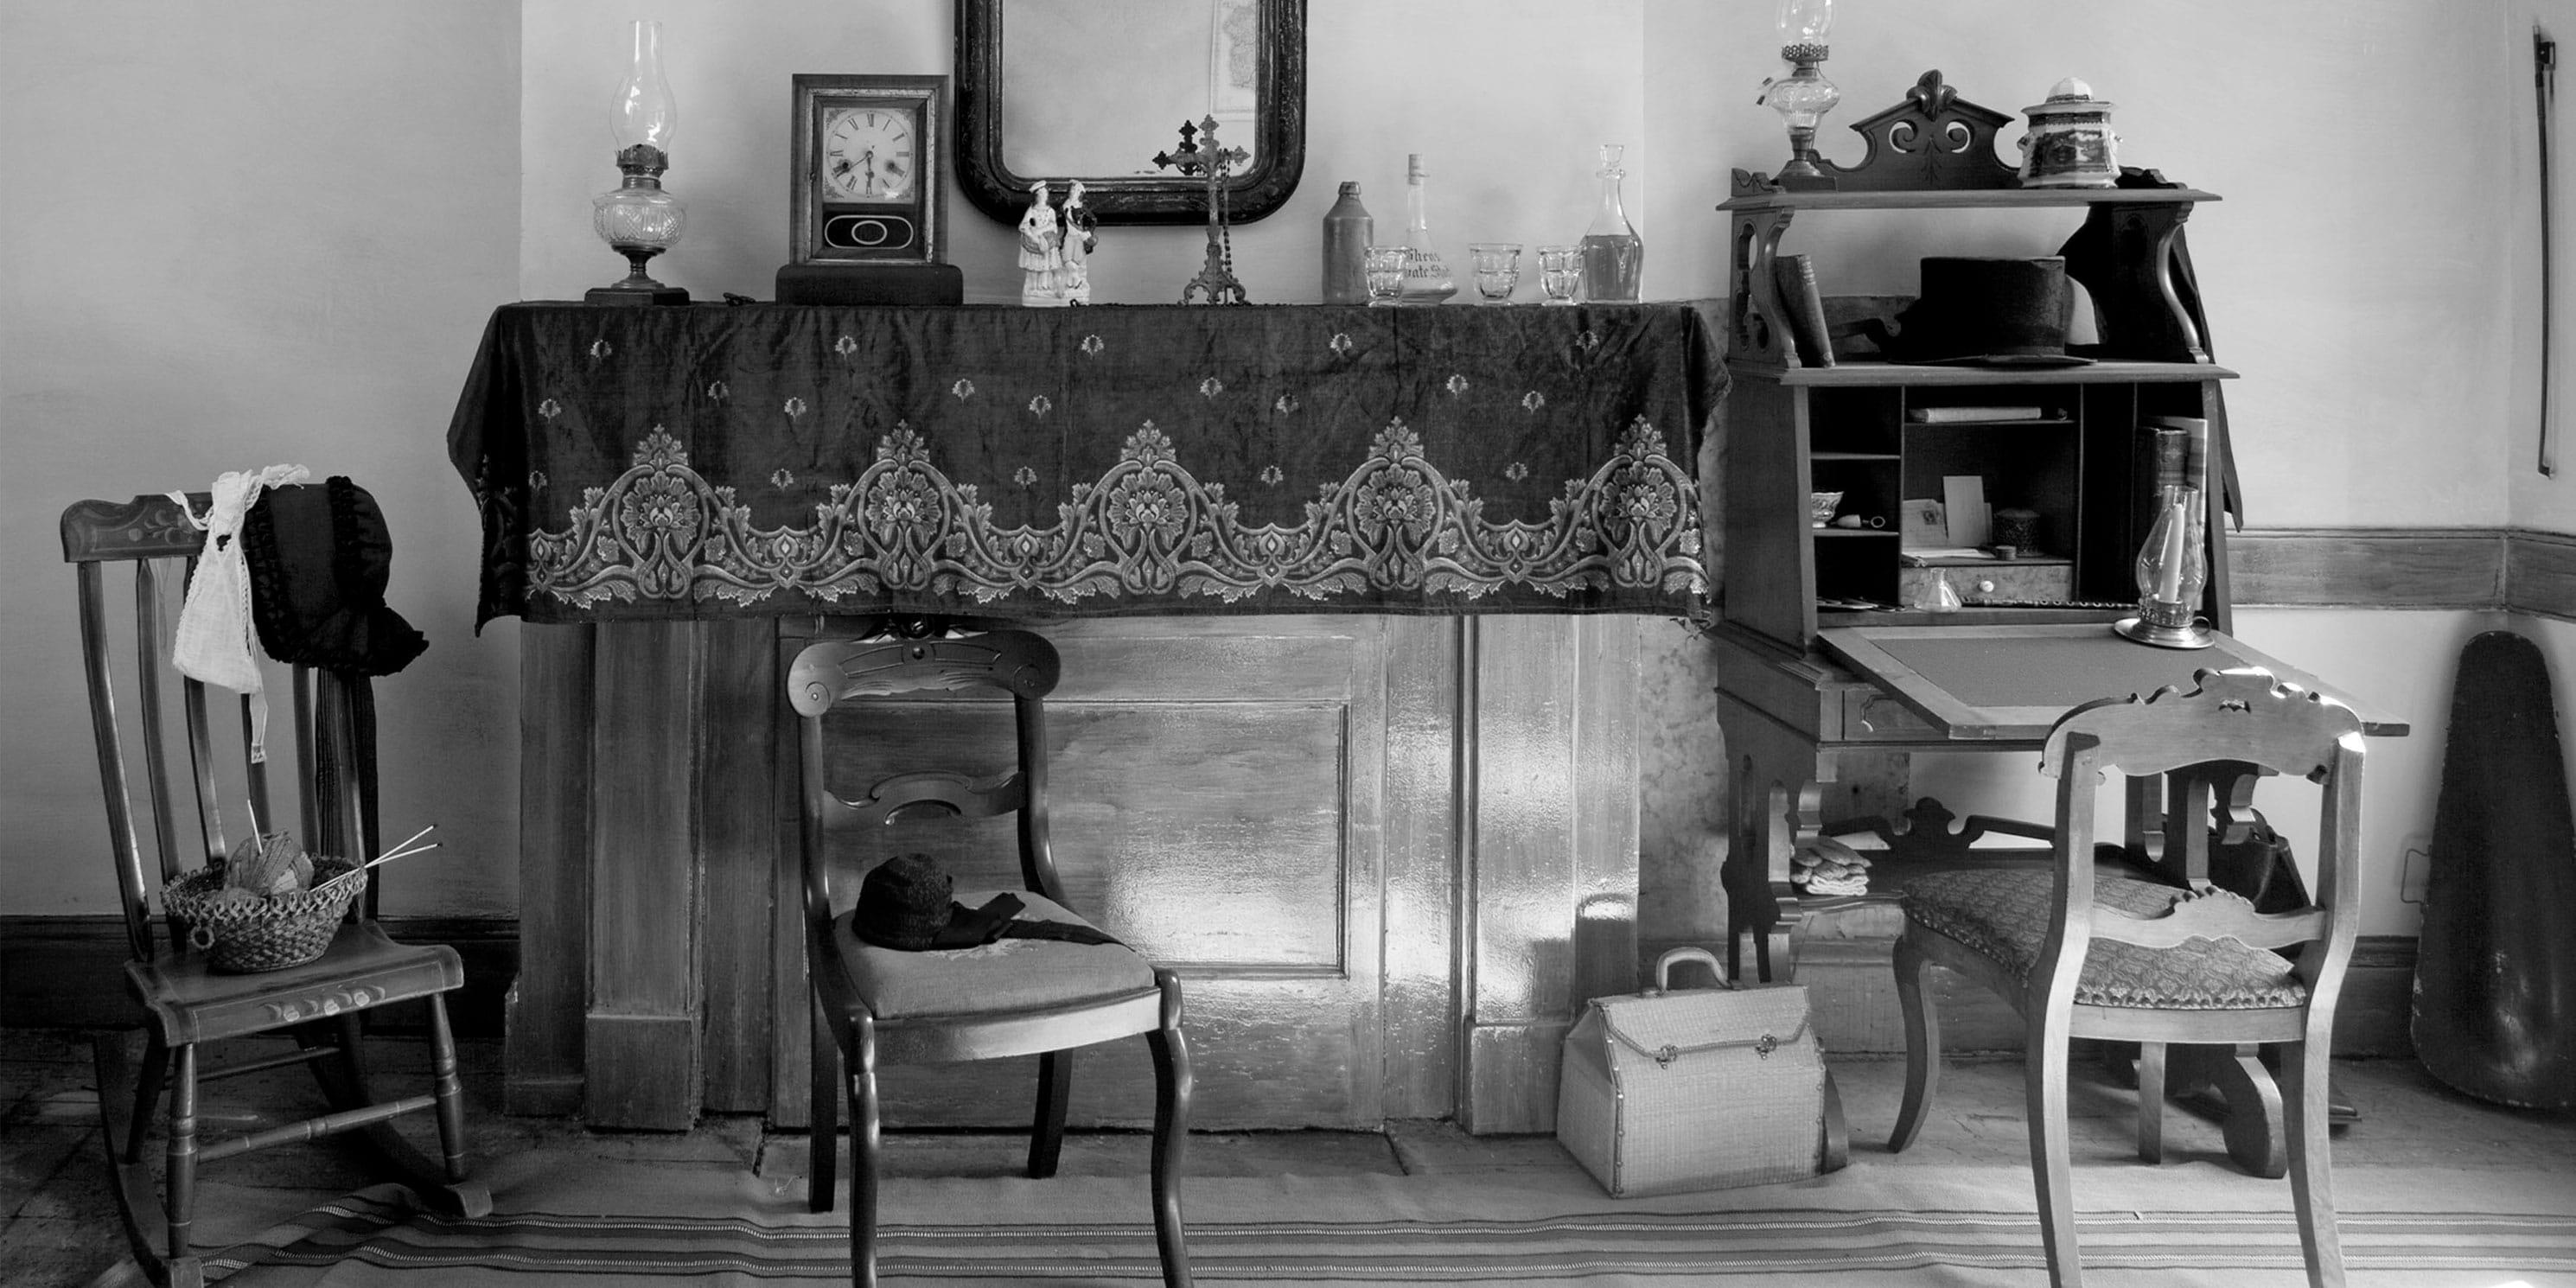 2018 MASterworks Best Restoration: Tenement Museum